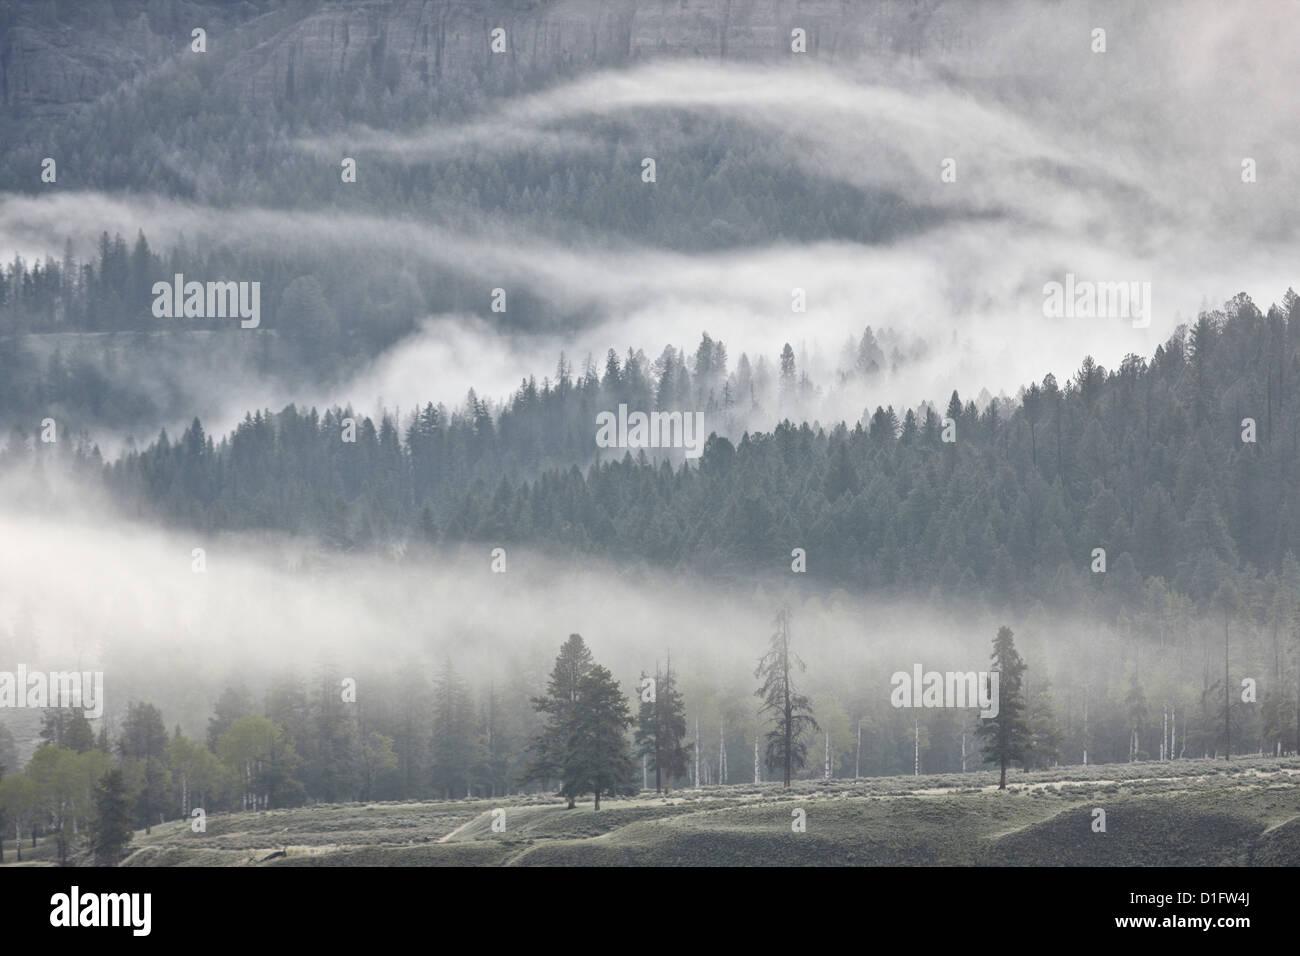 La niebla se entremezclan con árboles de hoja perenne, el Parque Nacional Yellowstone, Wyoming, Estados Unidos Imagen De Stock